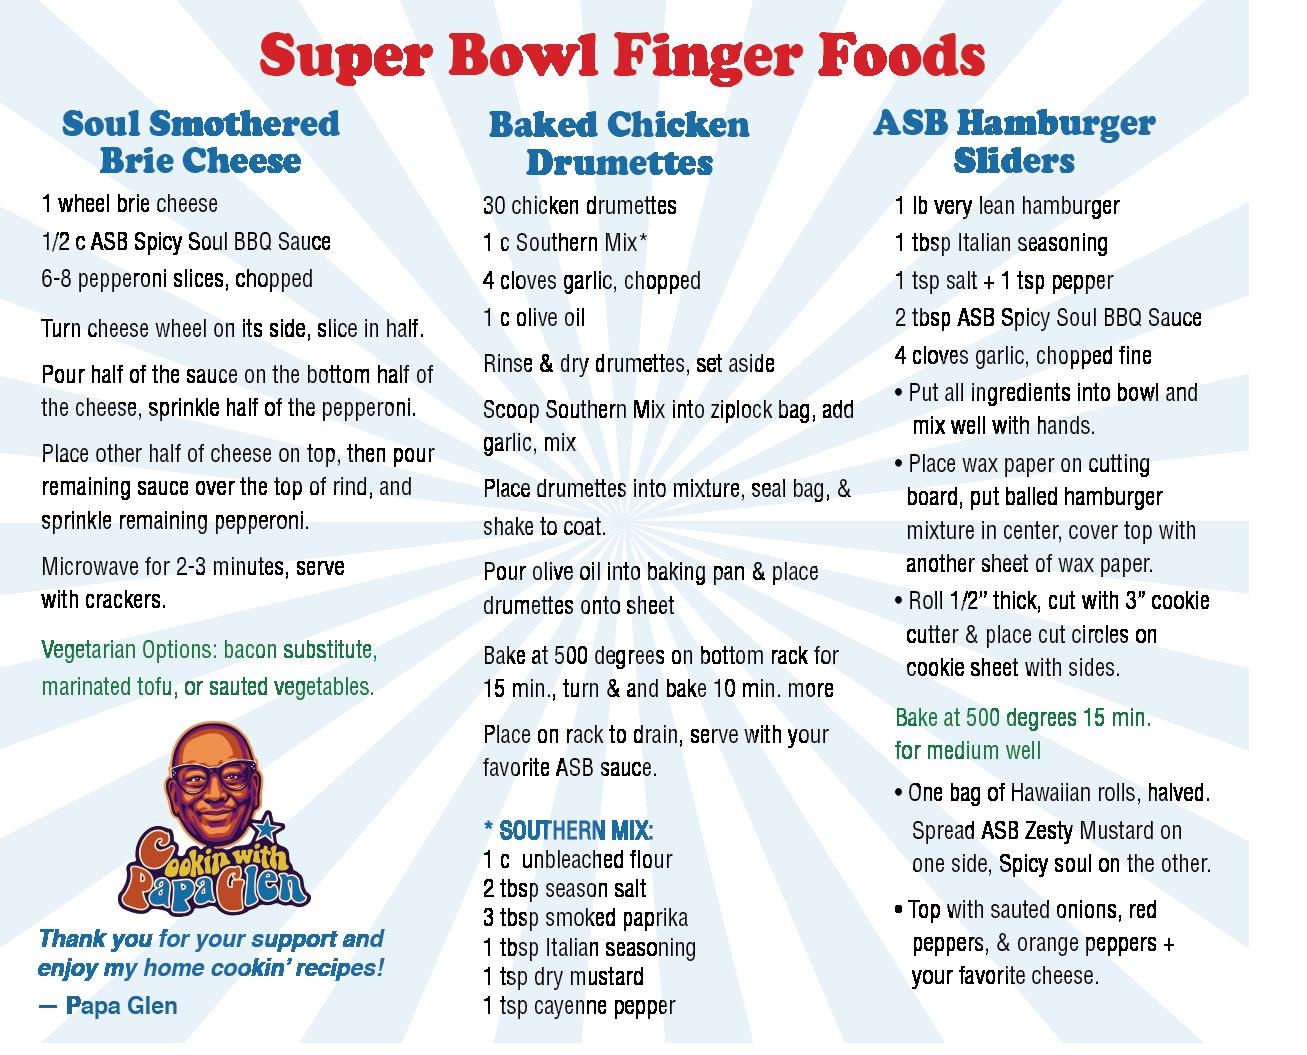 Super Bowl Finger foods